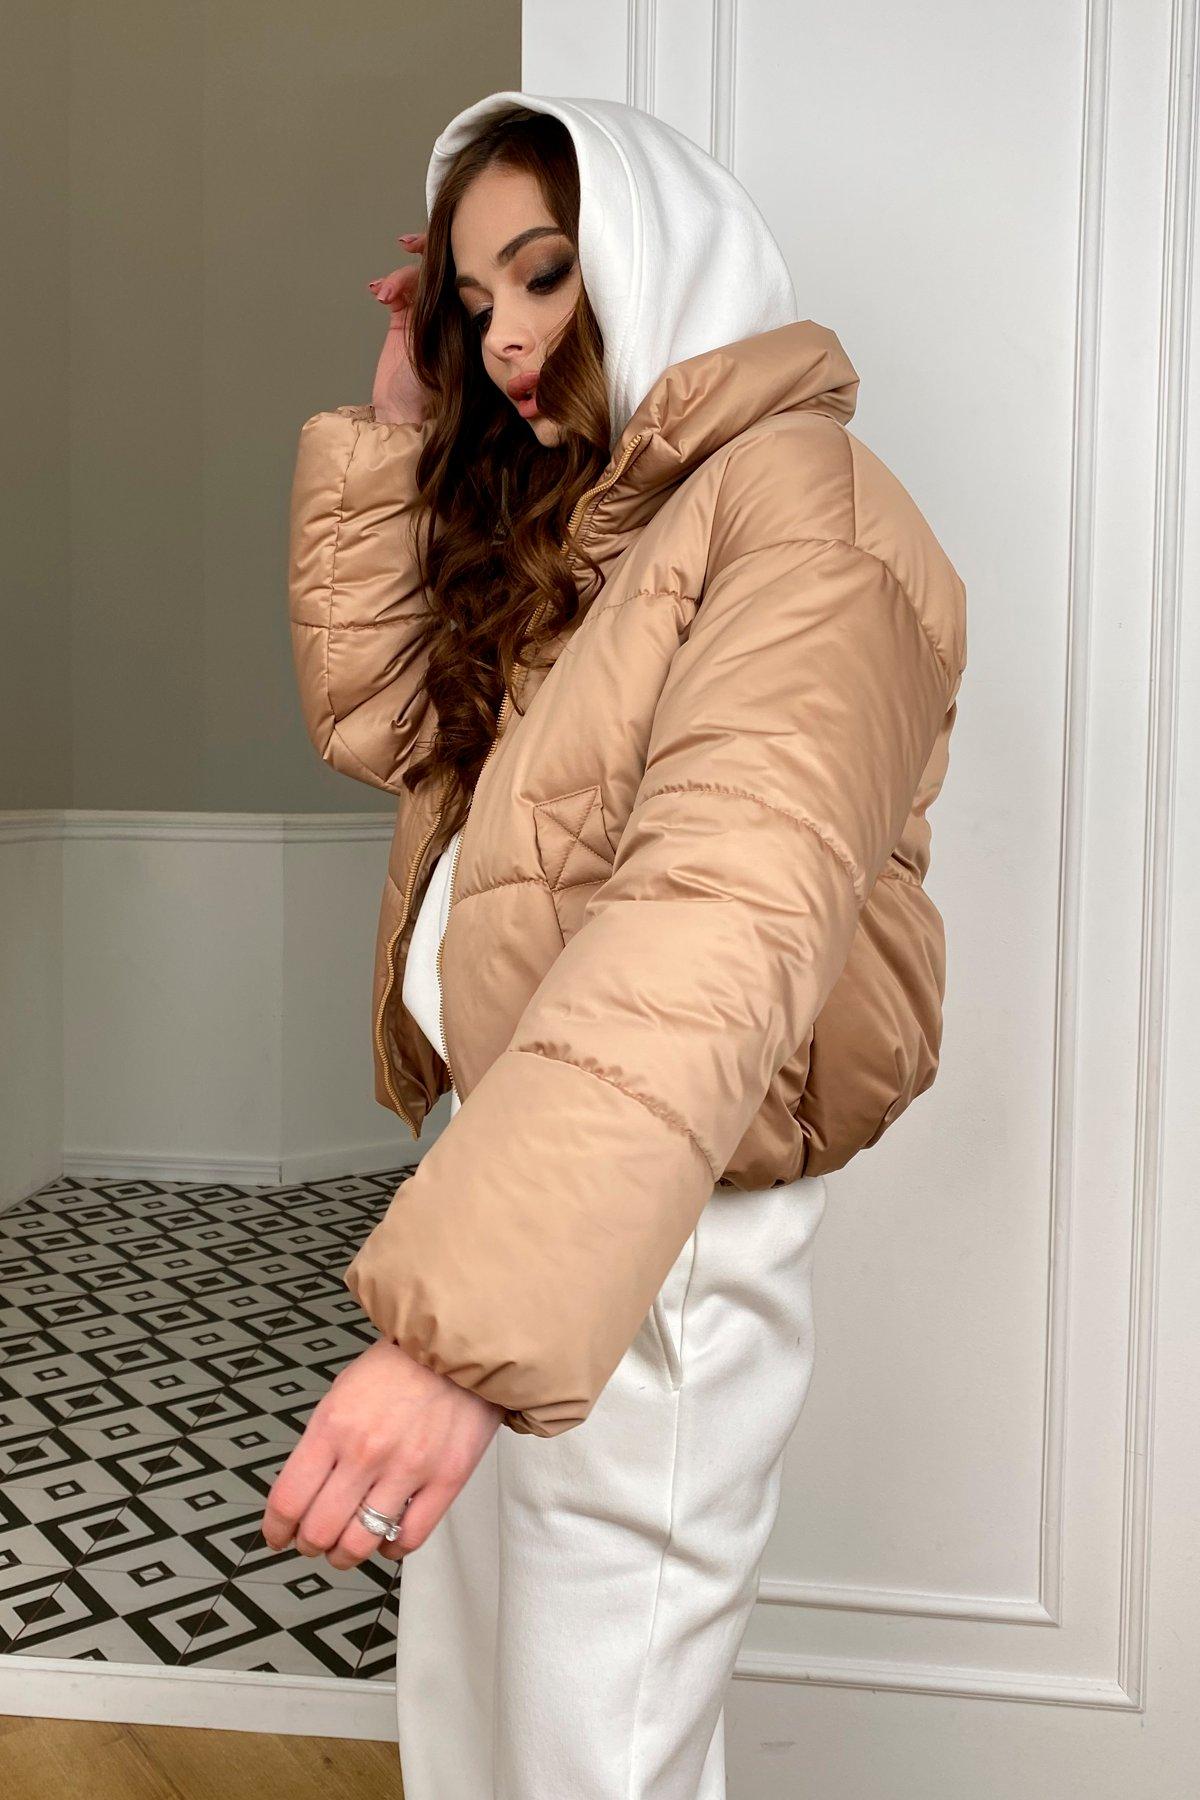 Драйв куртка из плащевой матовой ткани  10232 АРТ. 46523 Цвет: Кемел - фото 6, интернет магазин tm-modus.ru